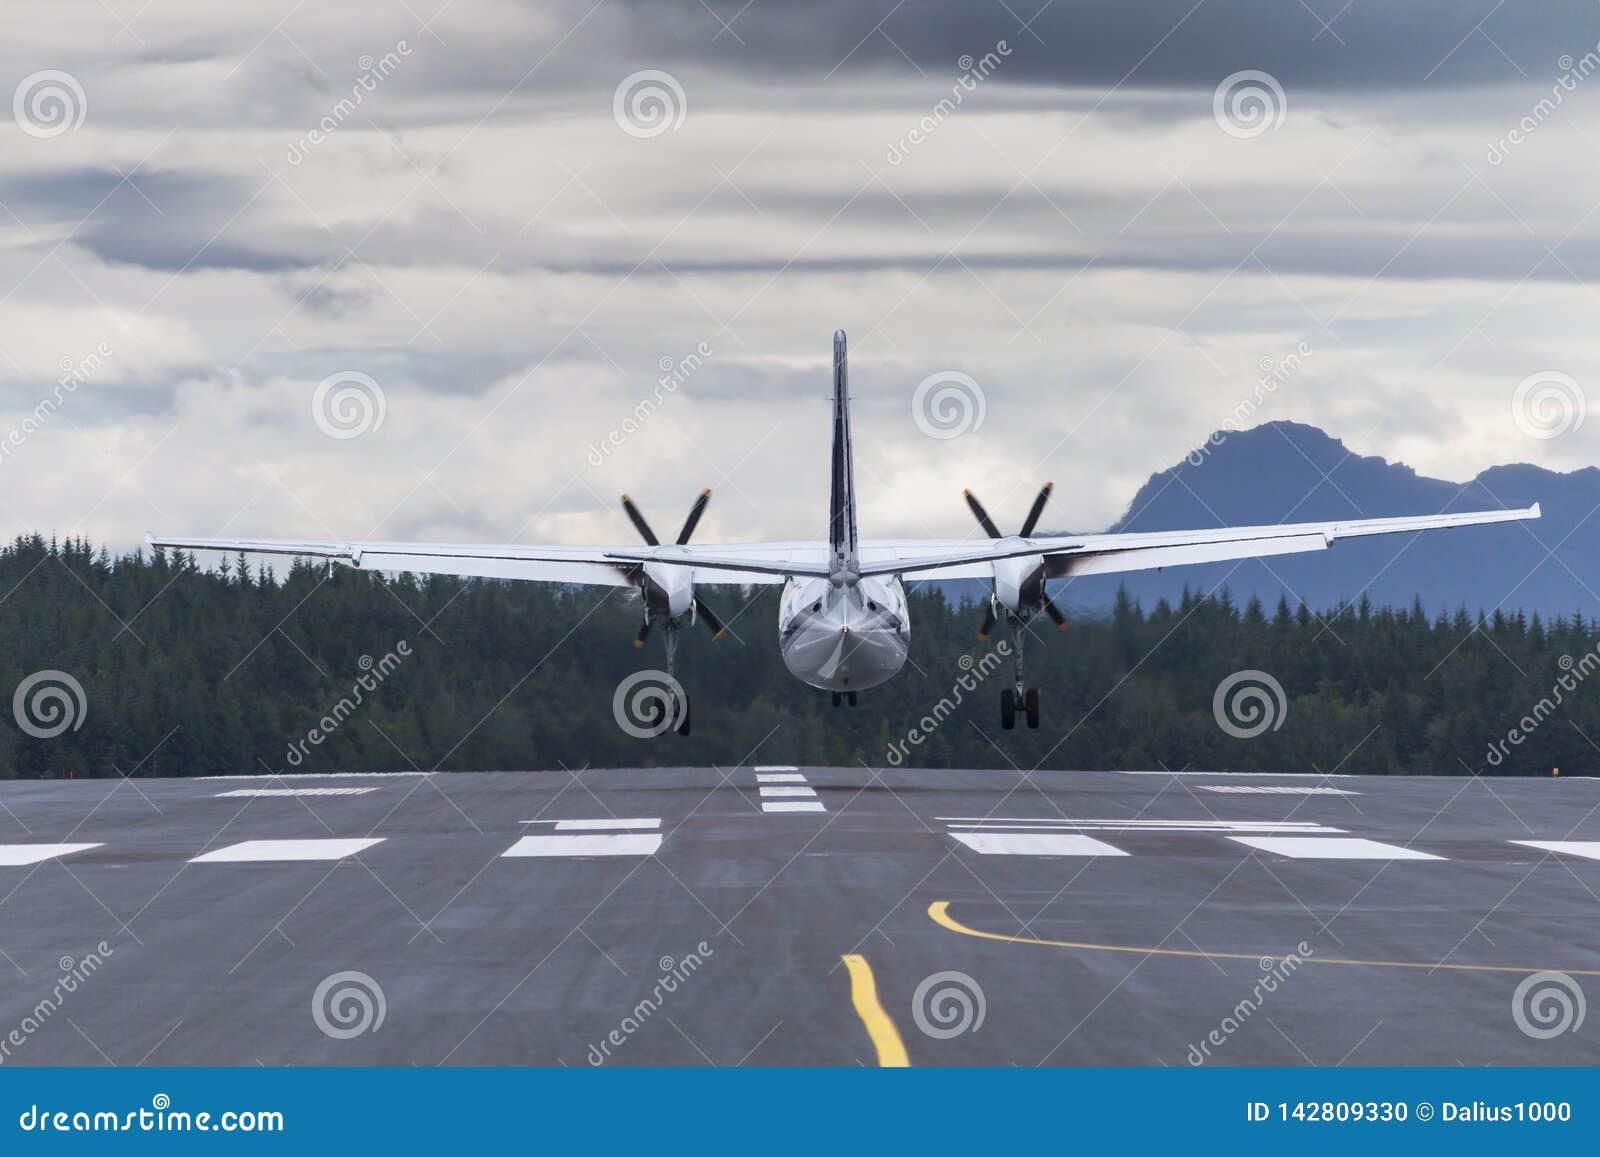 Samolotowy lądowanie na desantowego ścieżka plecy widoku tele obiektywie